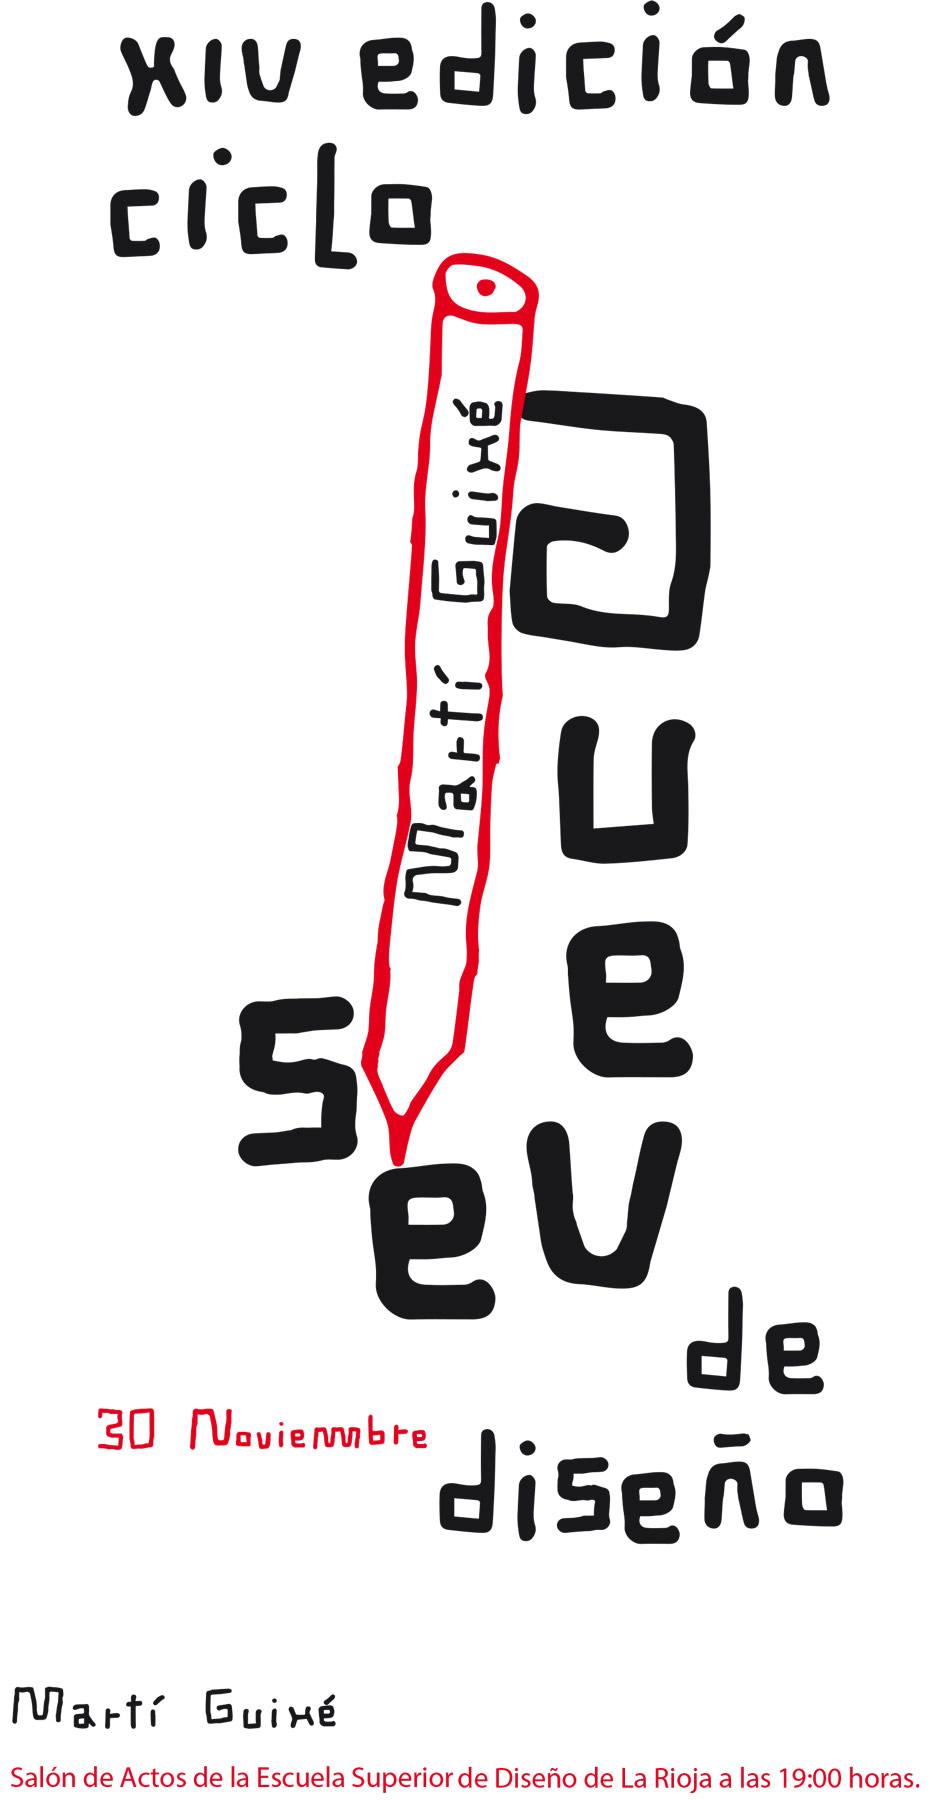 Martí Guixé en los Jueves de Diseño